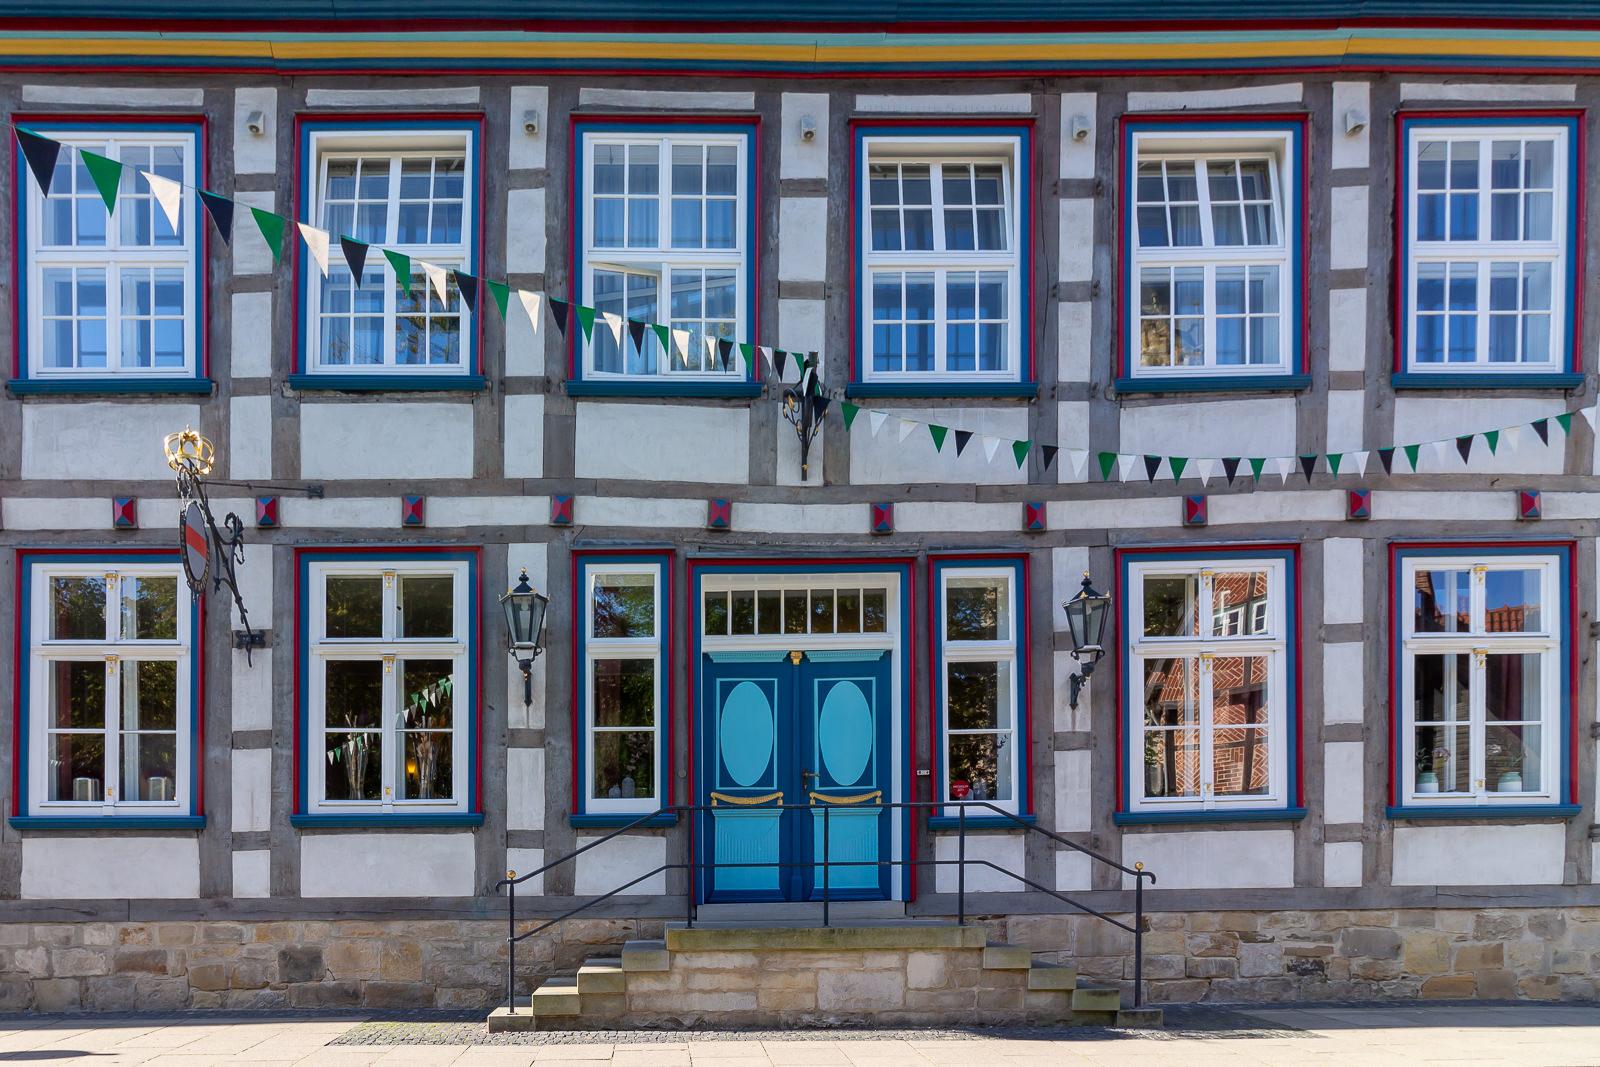 Herford, Hotel, Hotel Fürstabtei,Teutoburgerwald, BloggerWg, #TeutoBloggerWG, Teutoburger Wald